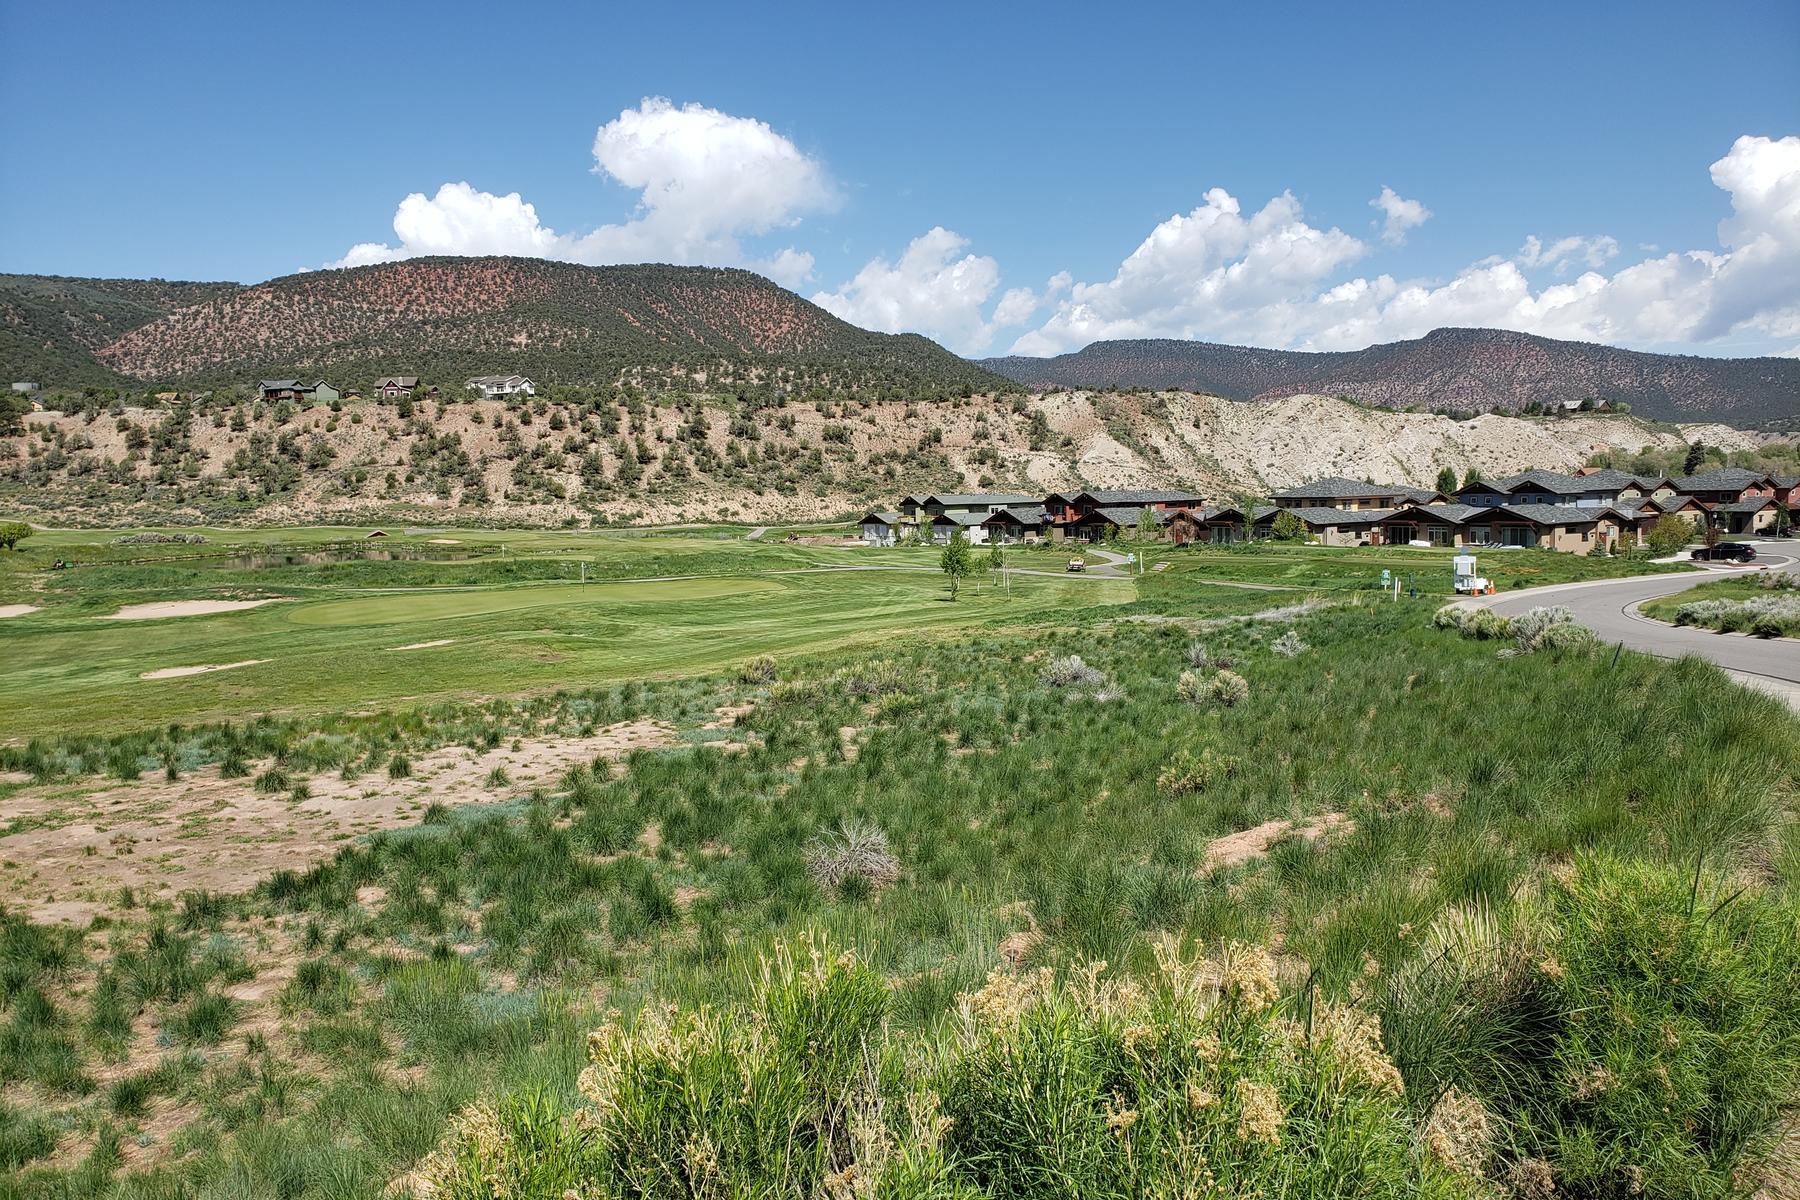 Οικόπεδο για την Πώληση στο Cotton Ranch Lot 100 Black Bear Drive, Gypsum, Κολοραντο 81657 Ηνωμένες Πολιτείες